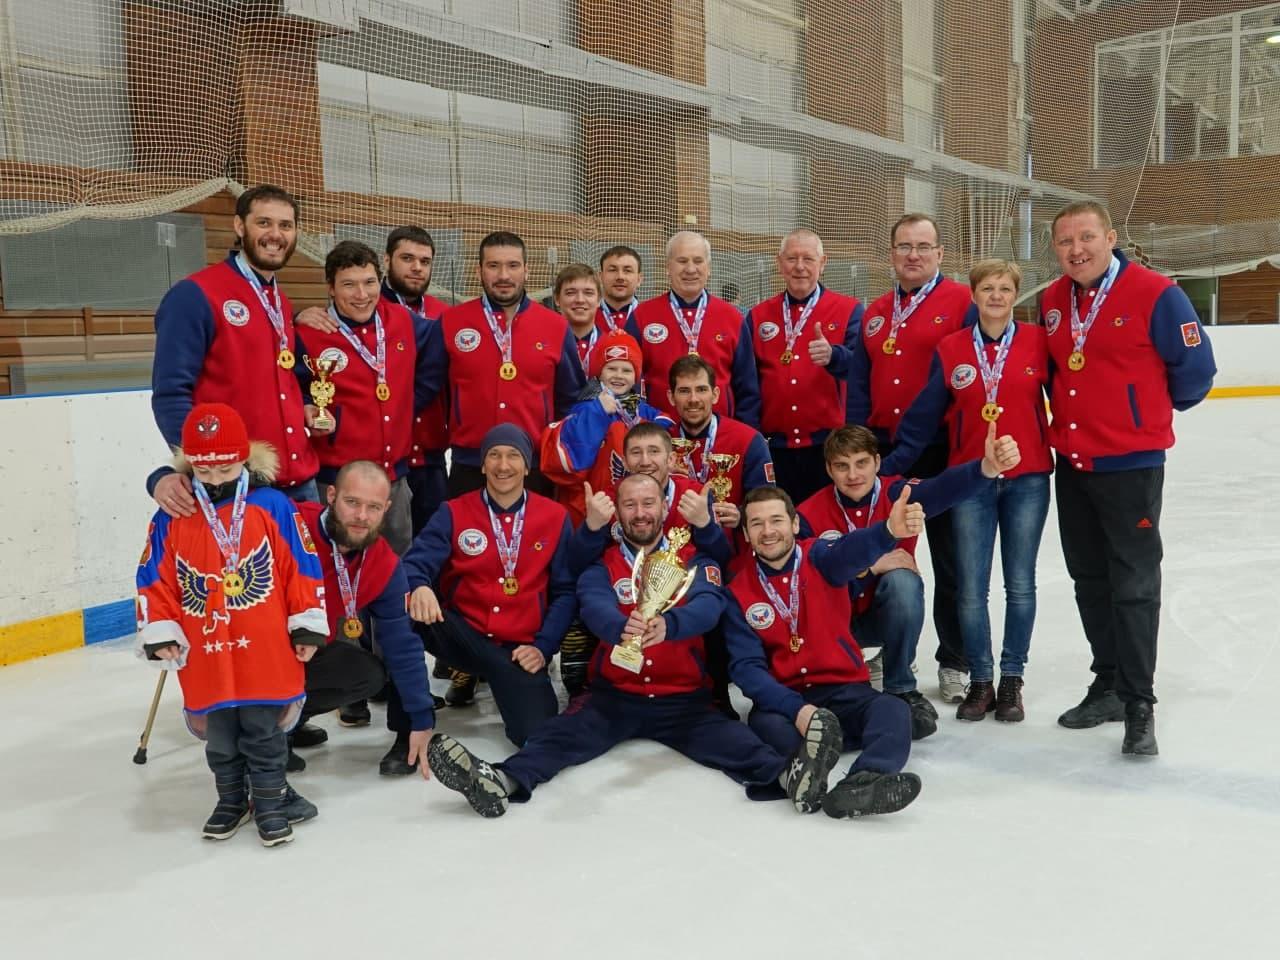 Подмосковный «Феникс» стал 7-кратным чемпионом России по следж-хоккею